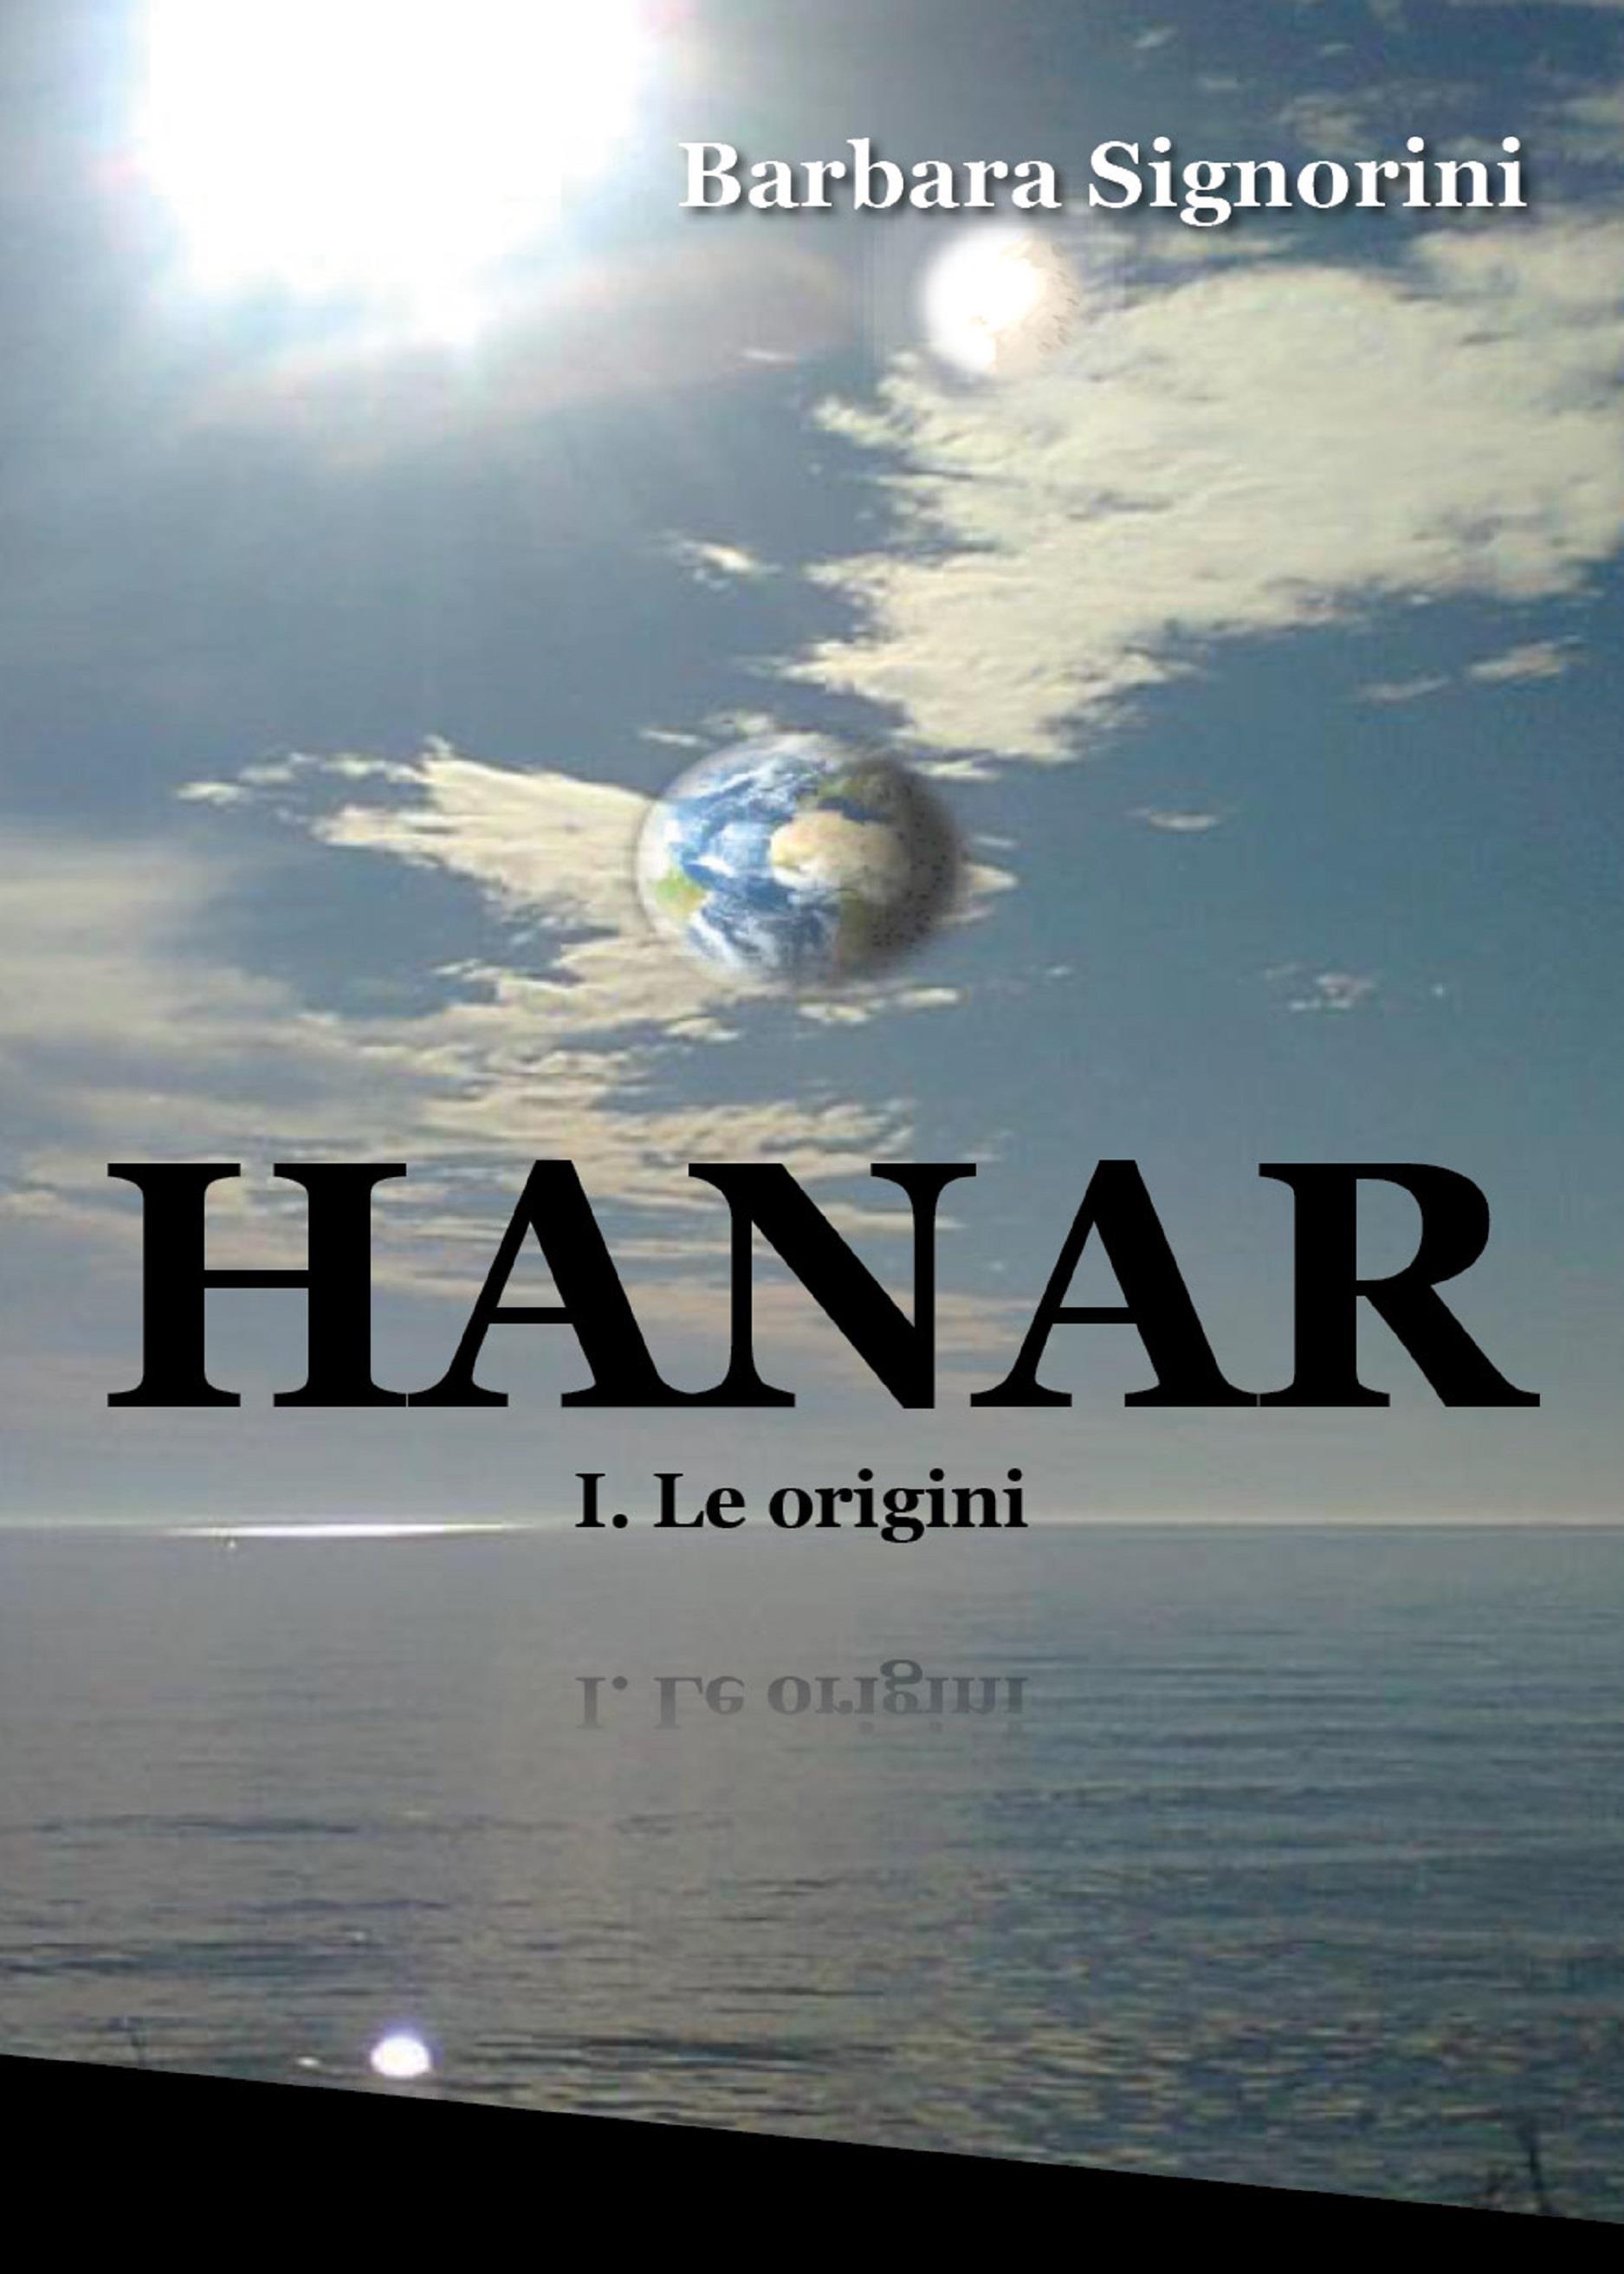 Hanar I. Le origini